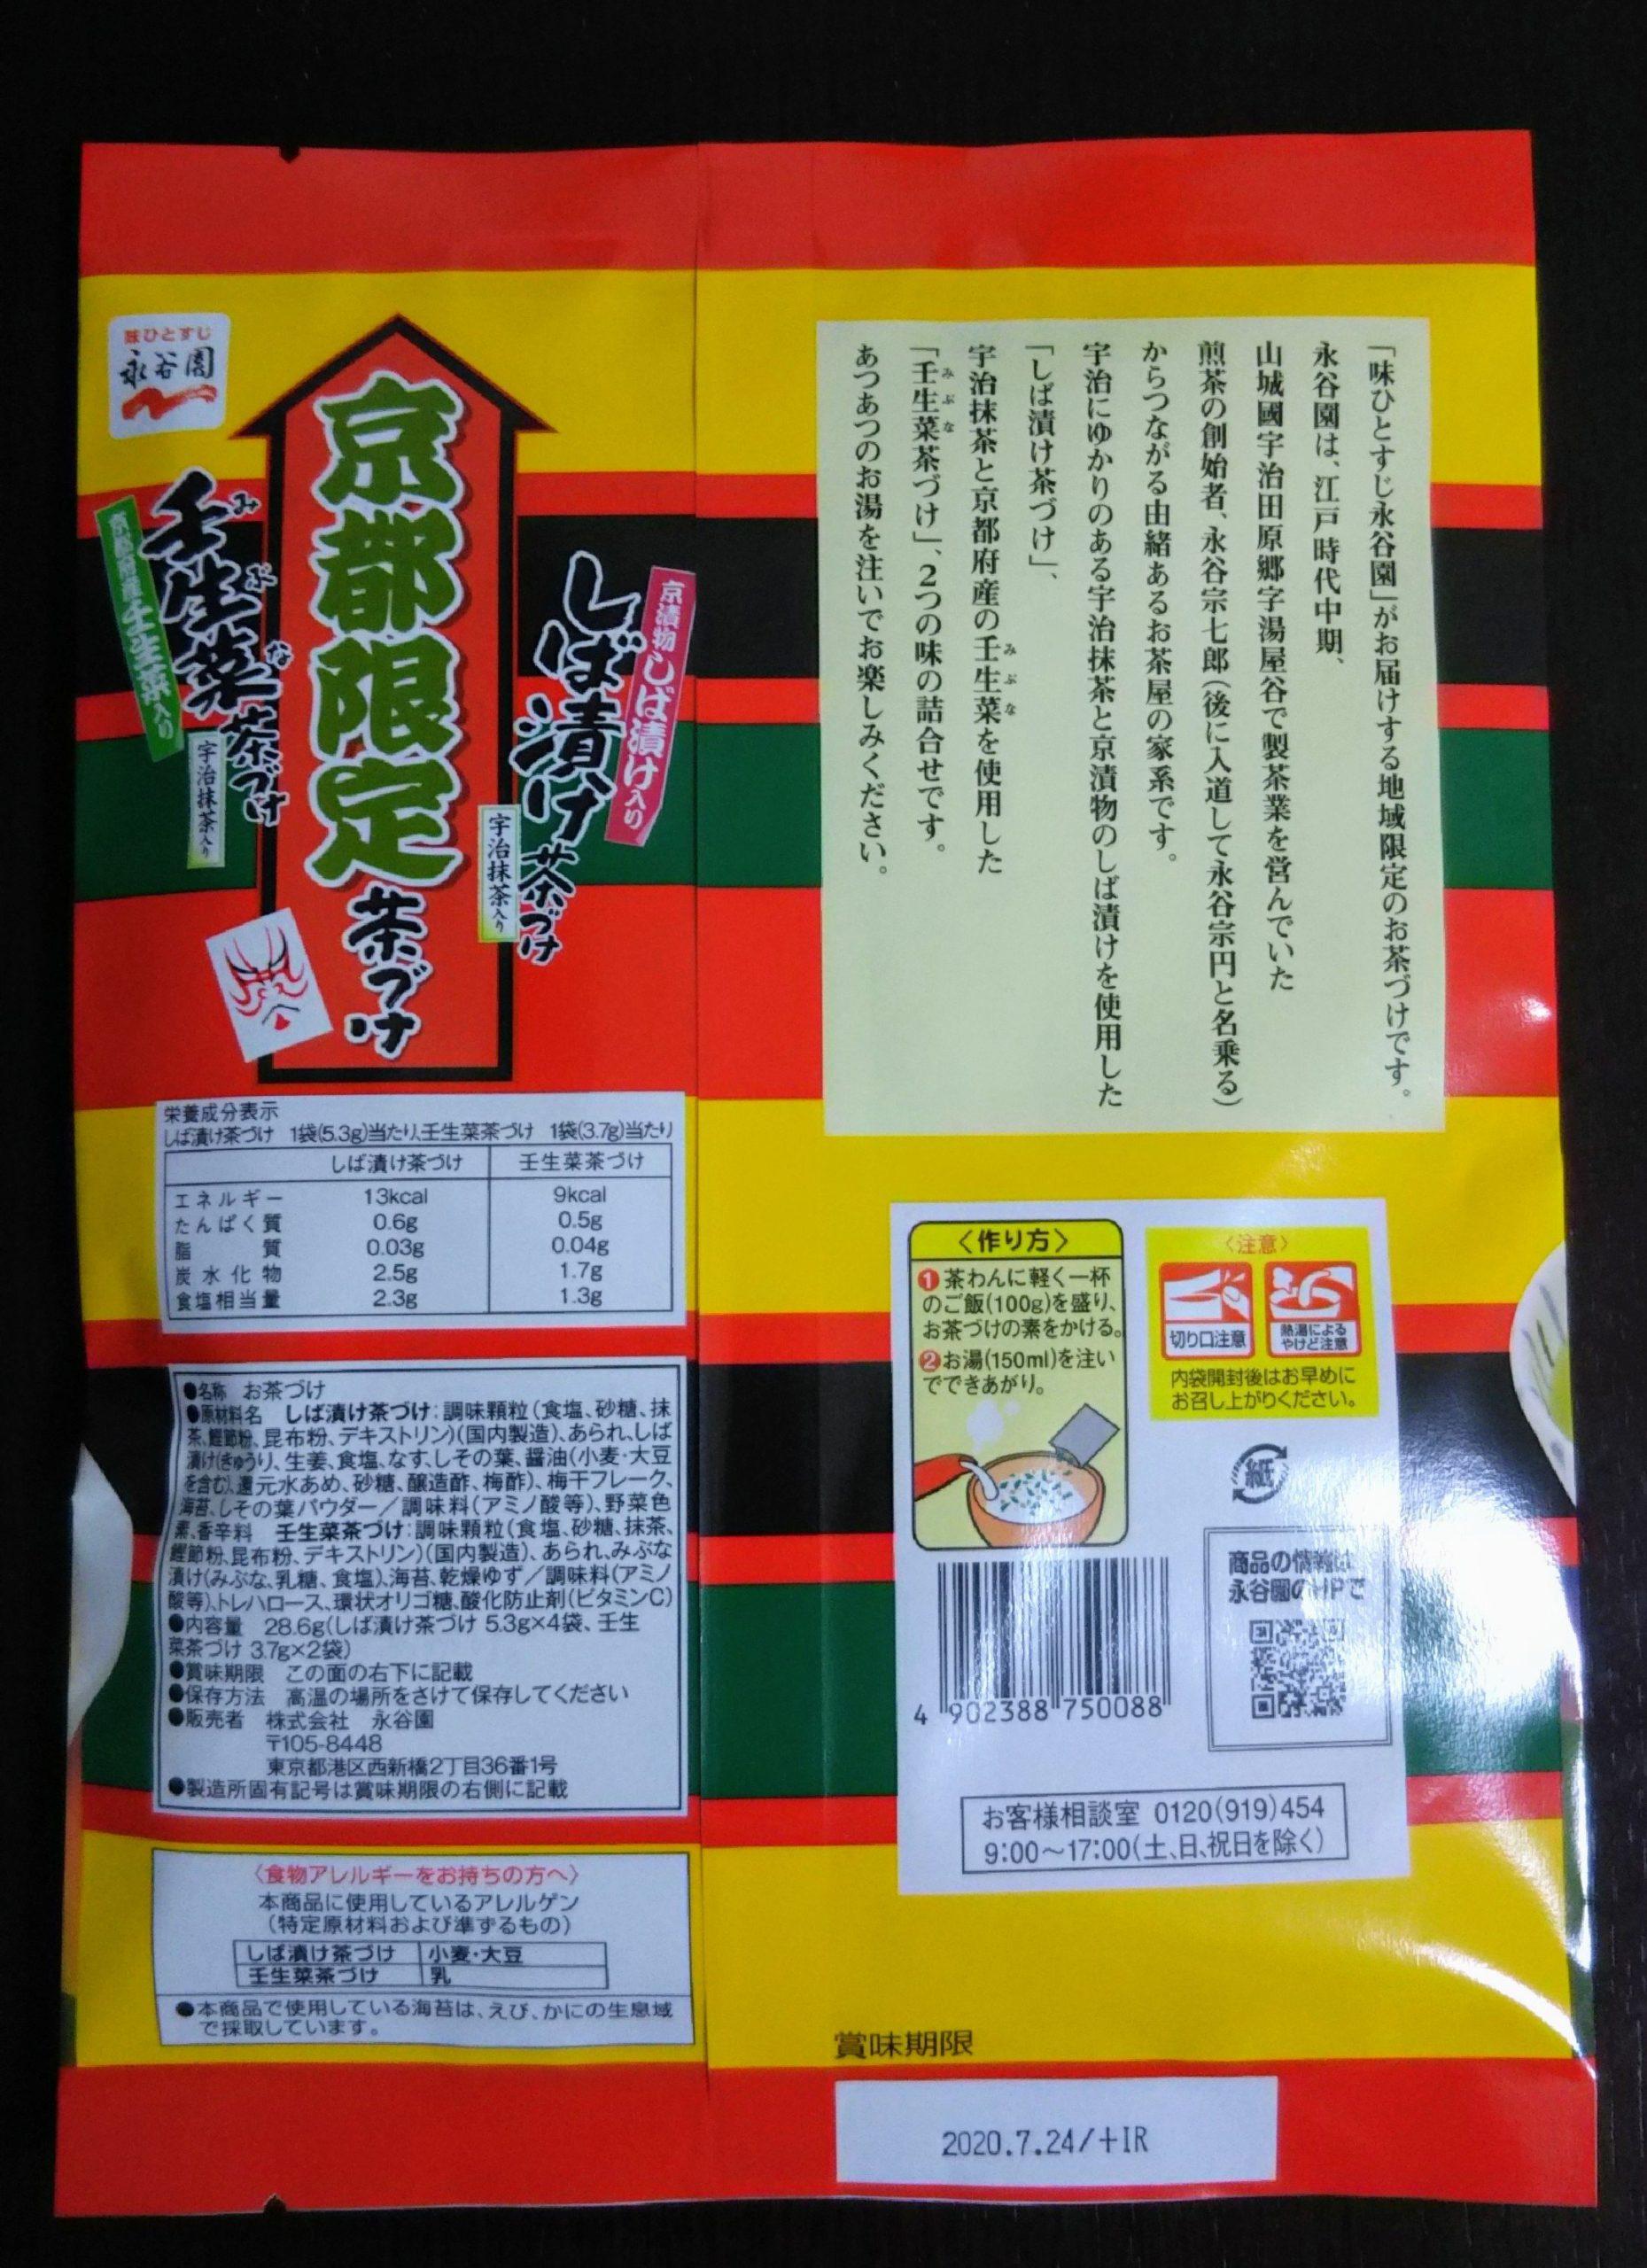 永谷園京都限定しば漬け茶づけ壬生菜茶づけ